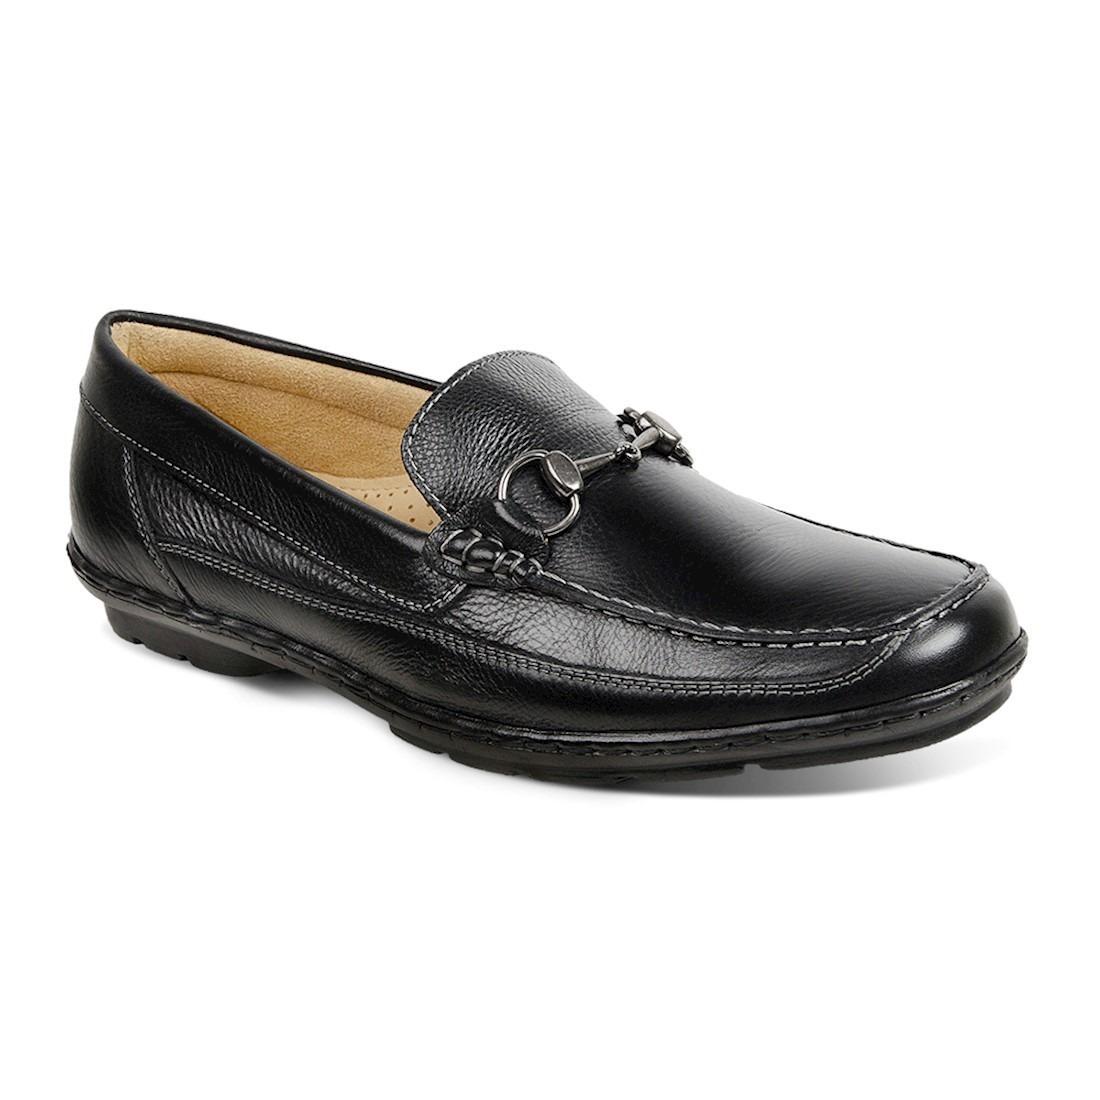 d4cdcd5537 sapato masculino mocassim sandro moscoloni boston preto. Carregando zoom.